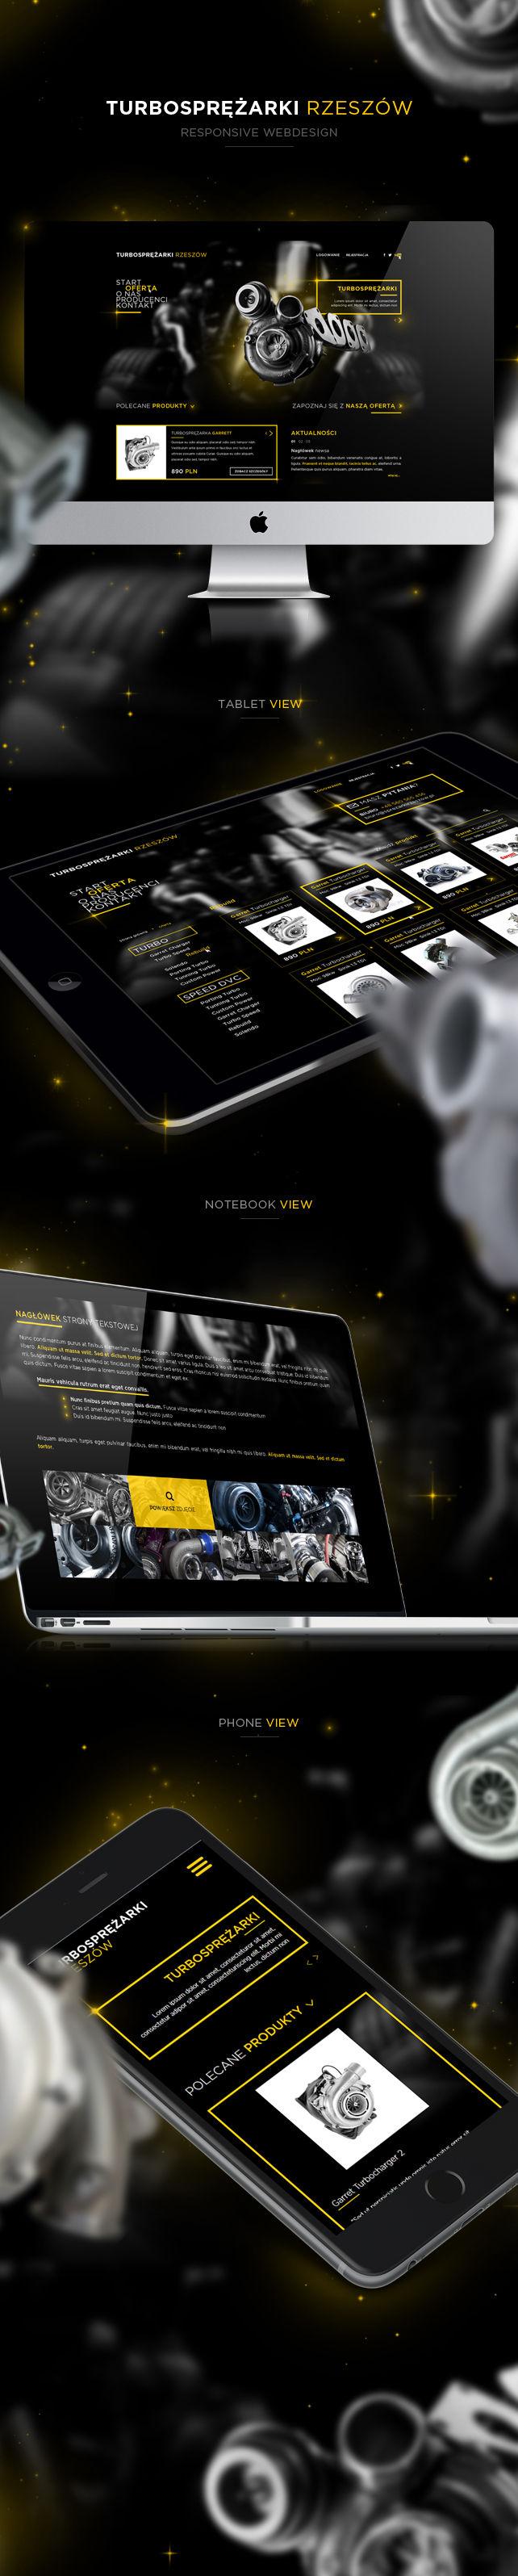 Strona www, projekt graficzny Turbosprężarki serwis i regeneracja